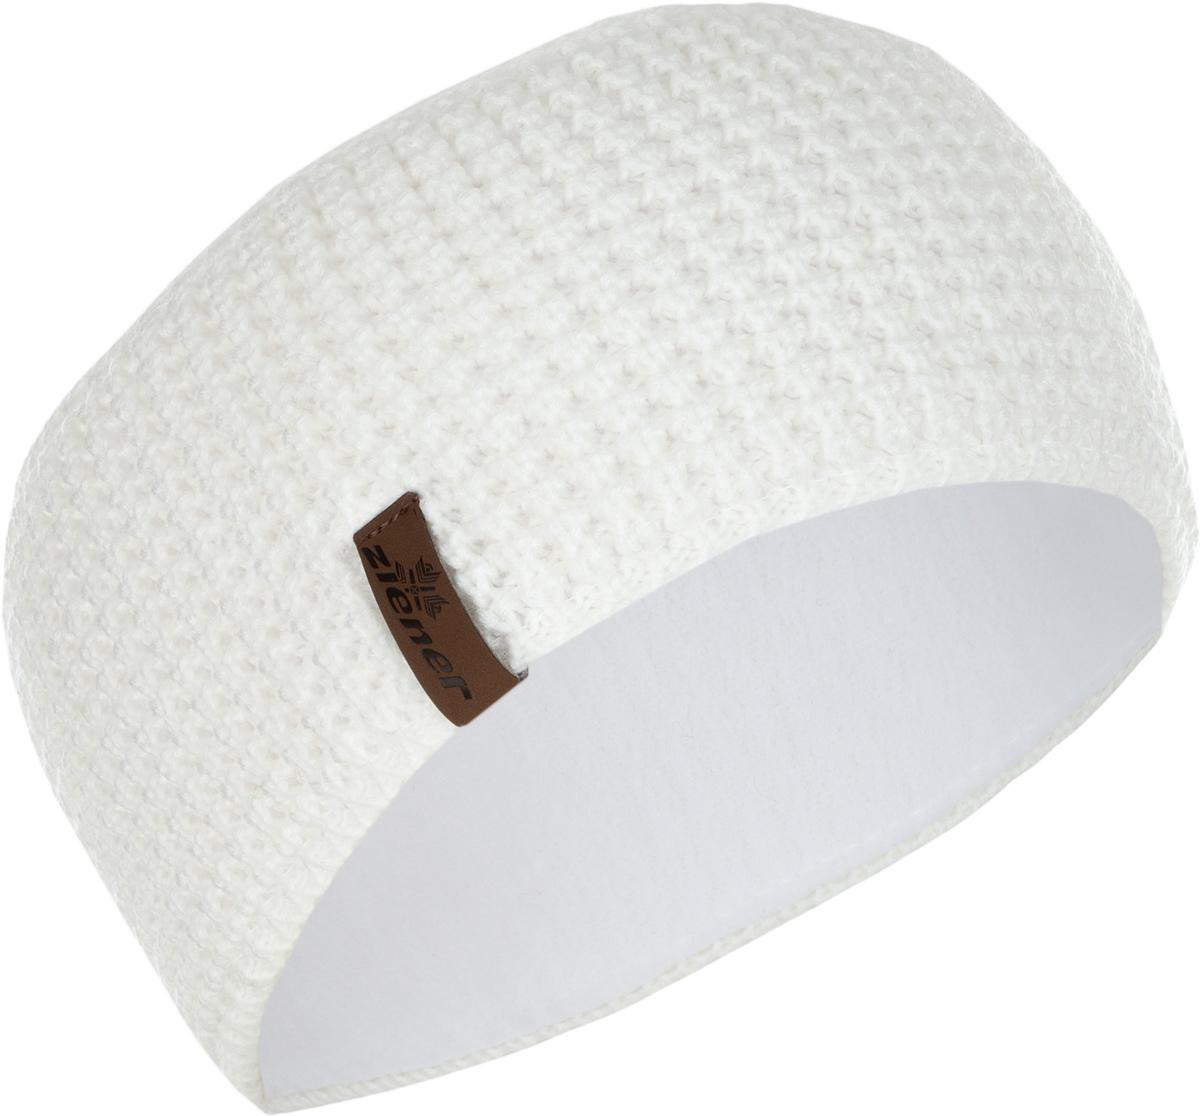 Повязка на голову Ziener Ilse Band, цвет: белый. 170041-01. Размер универсальный170041-01